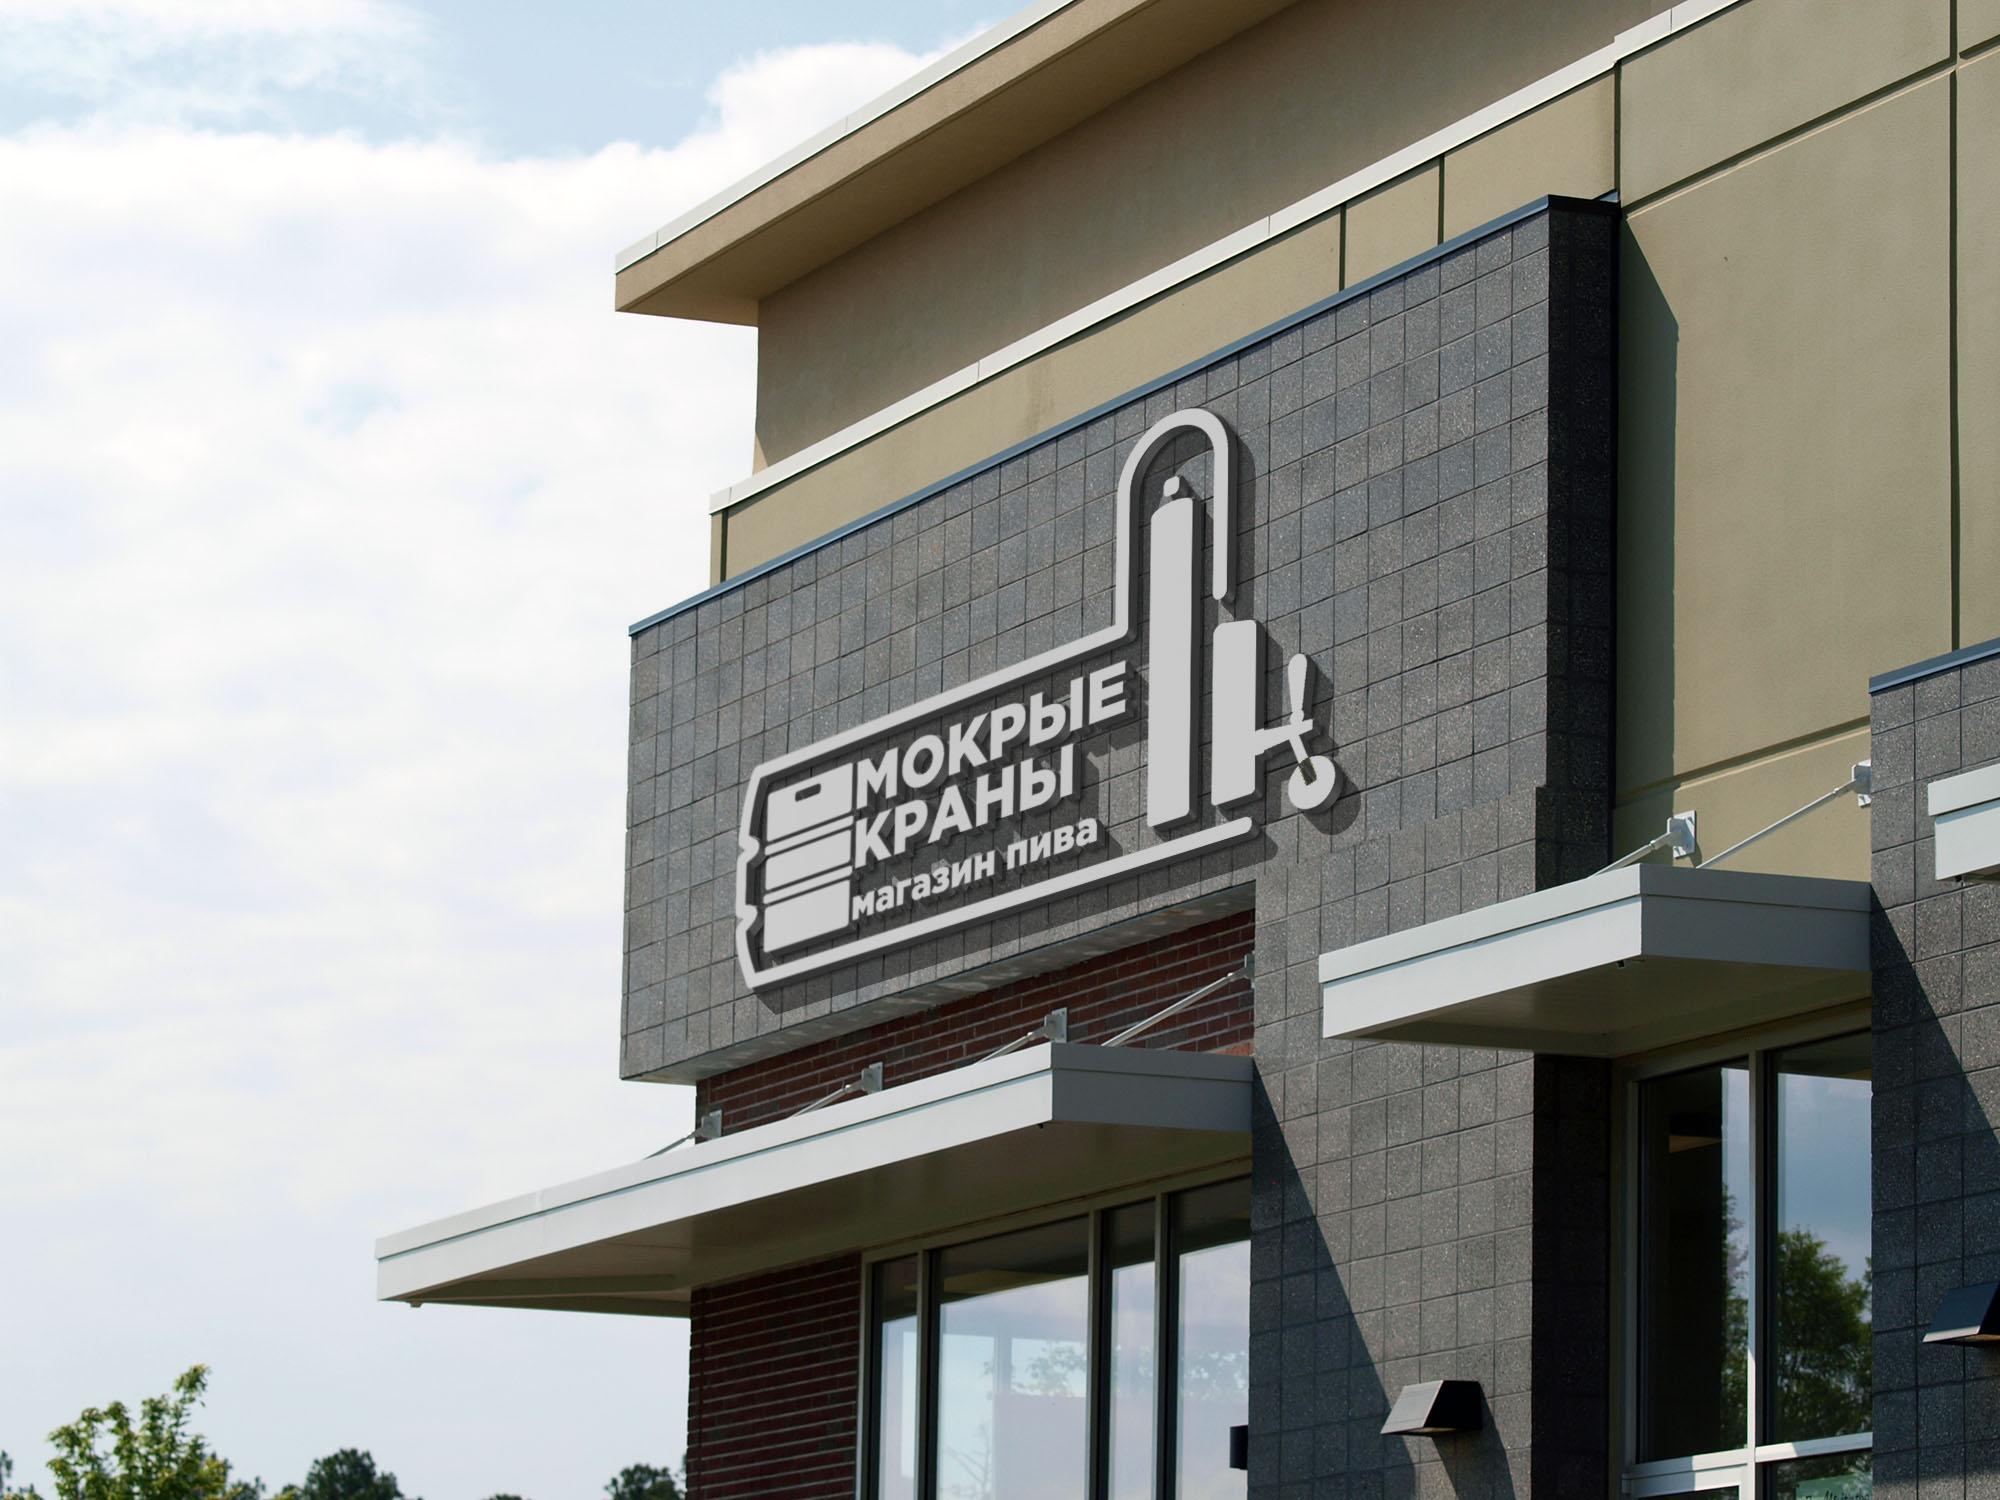 Вывеска/логотип для пивного магазина фото f_6216029056bc64d7.jpg